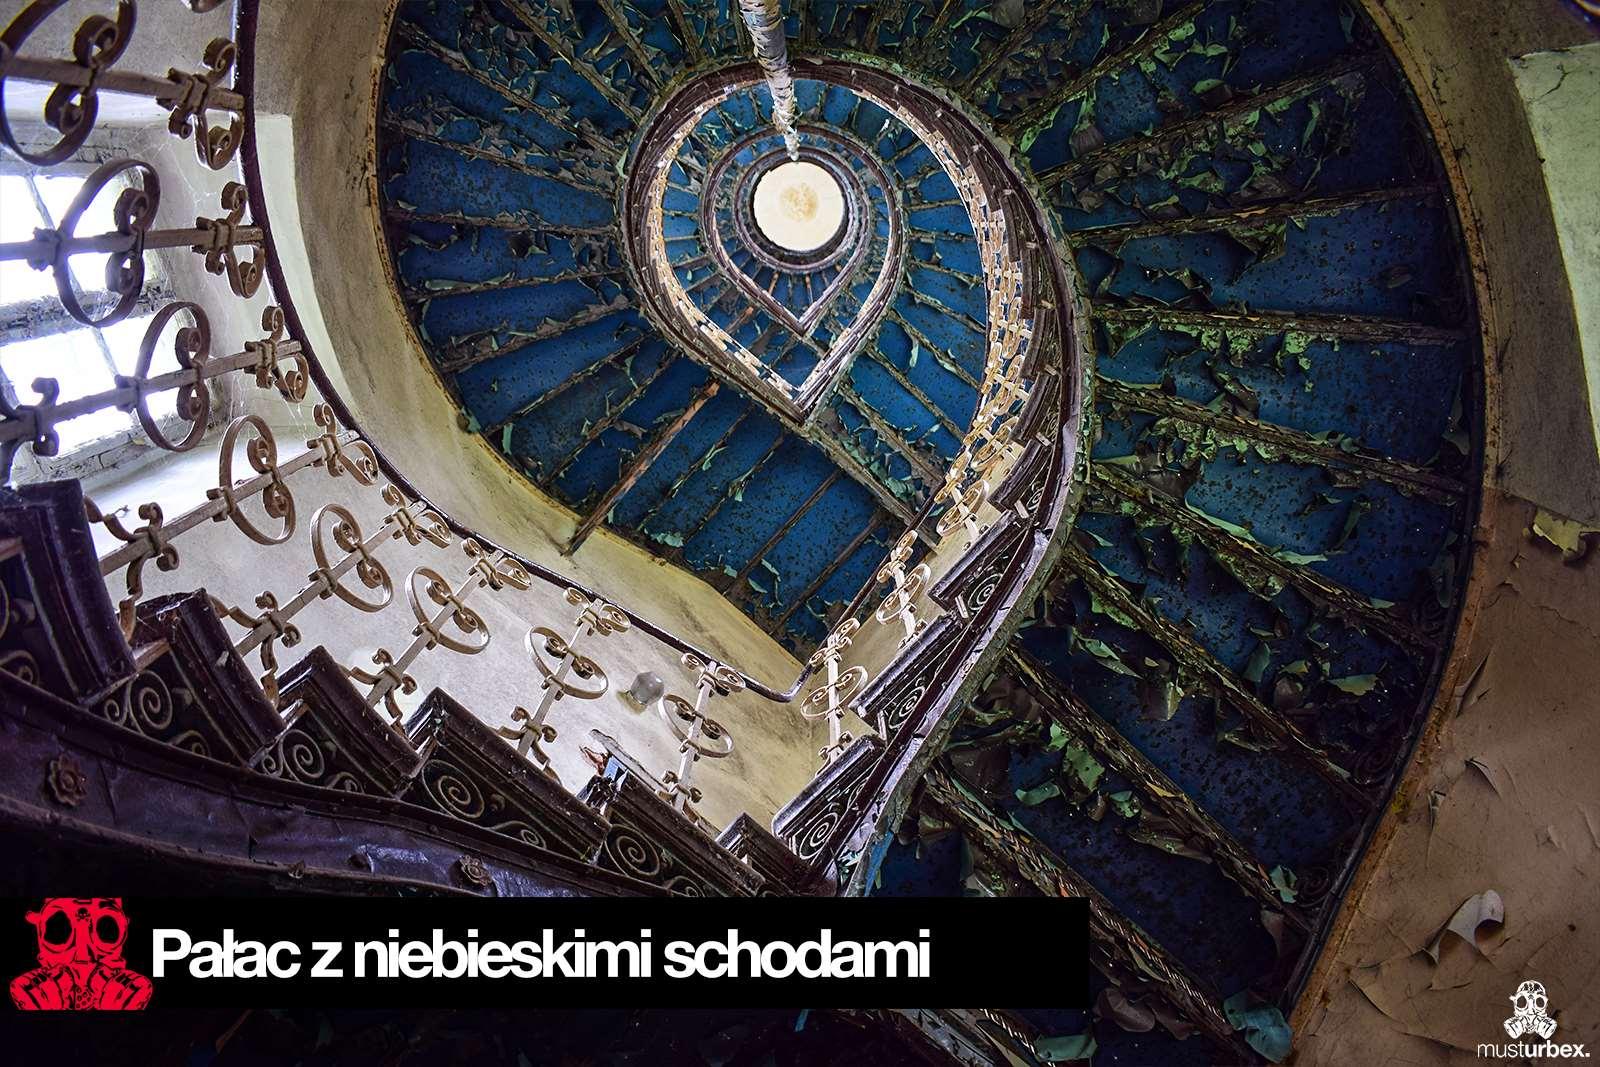 Opuszczony pałac z niebieskimi schodami urbex musturbex abandoned Palace with blue stairs Palast mit blauen Treppen Palác s modrými schody schody klatka schodowa poręcz balustrada